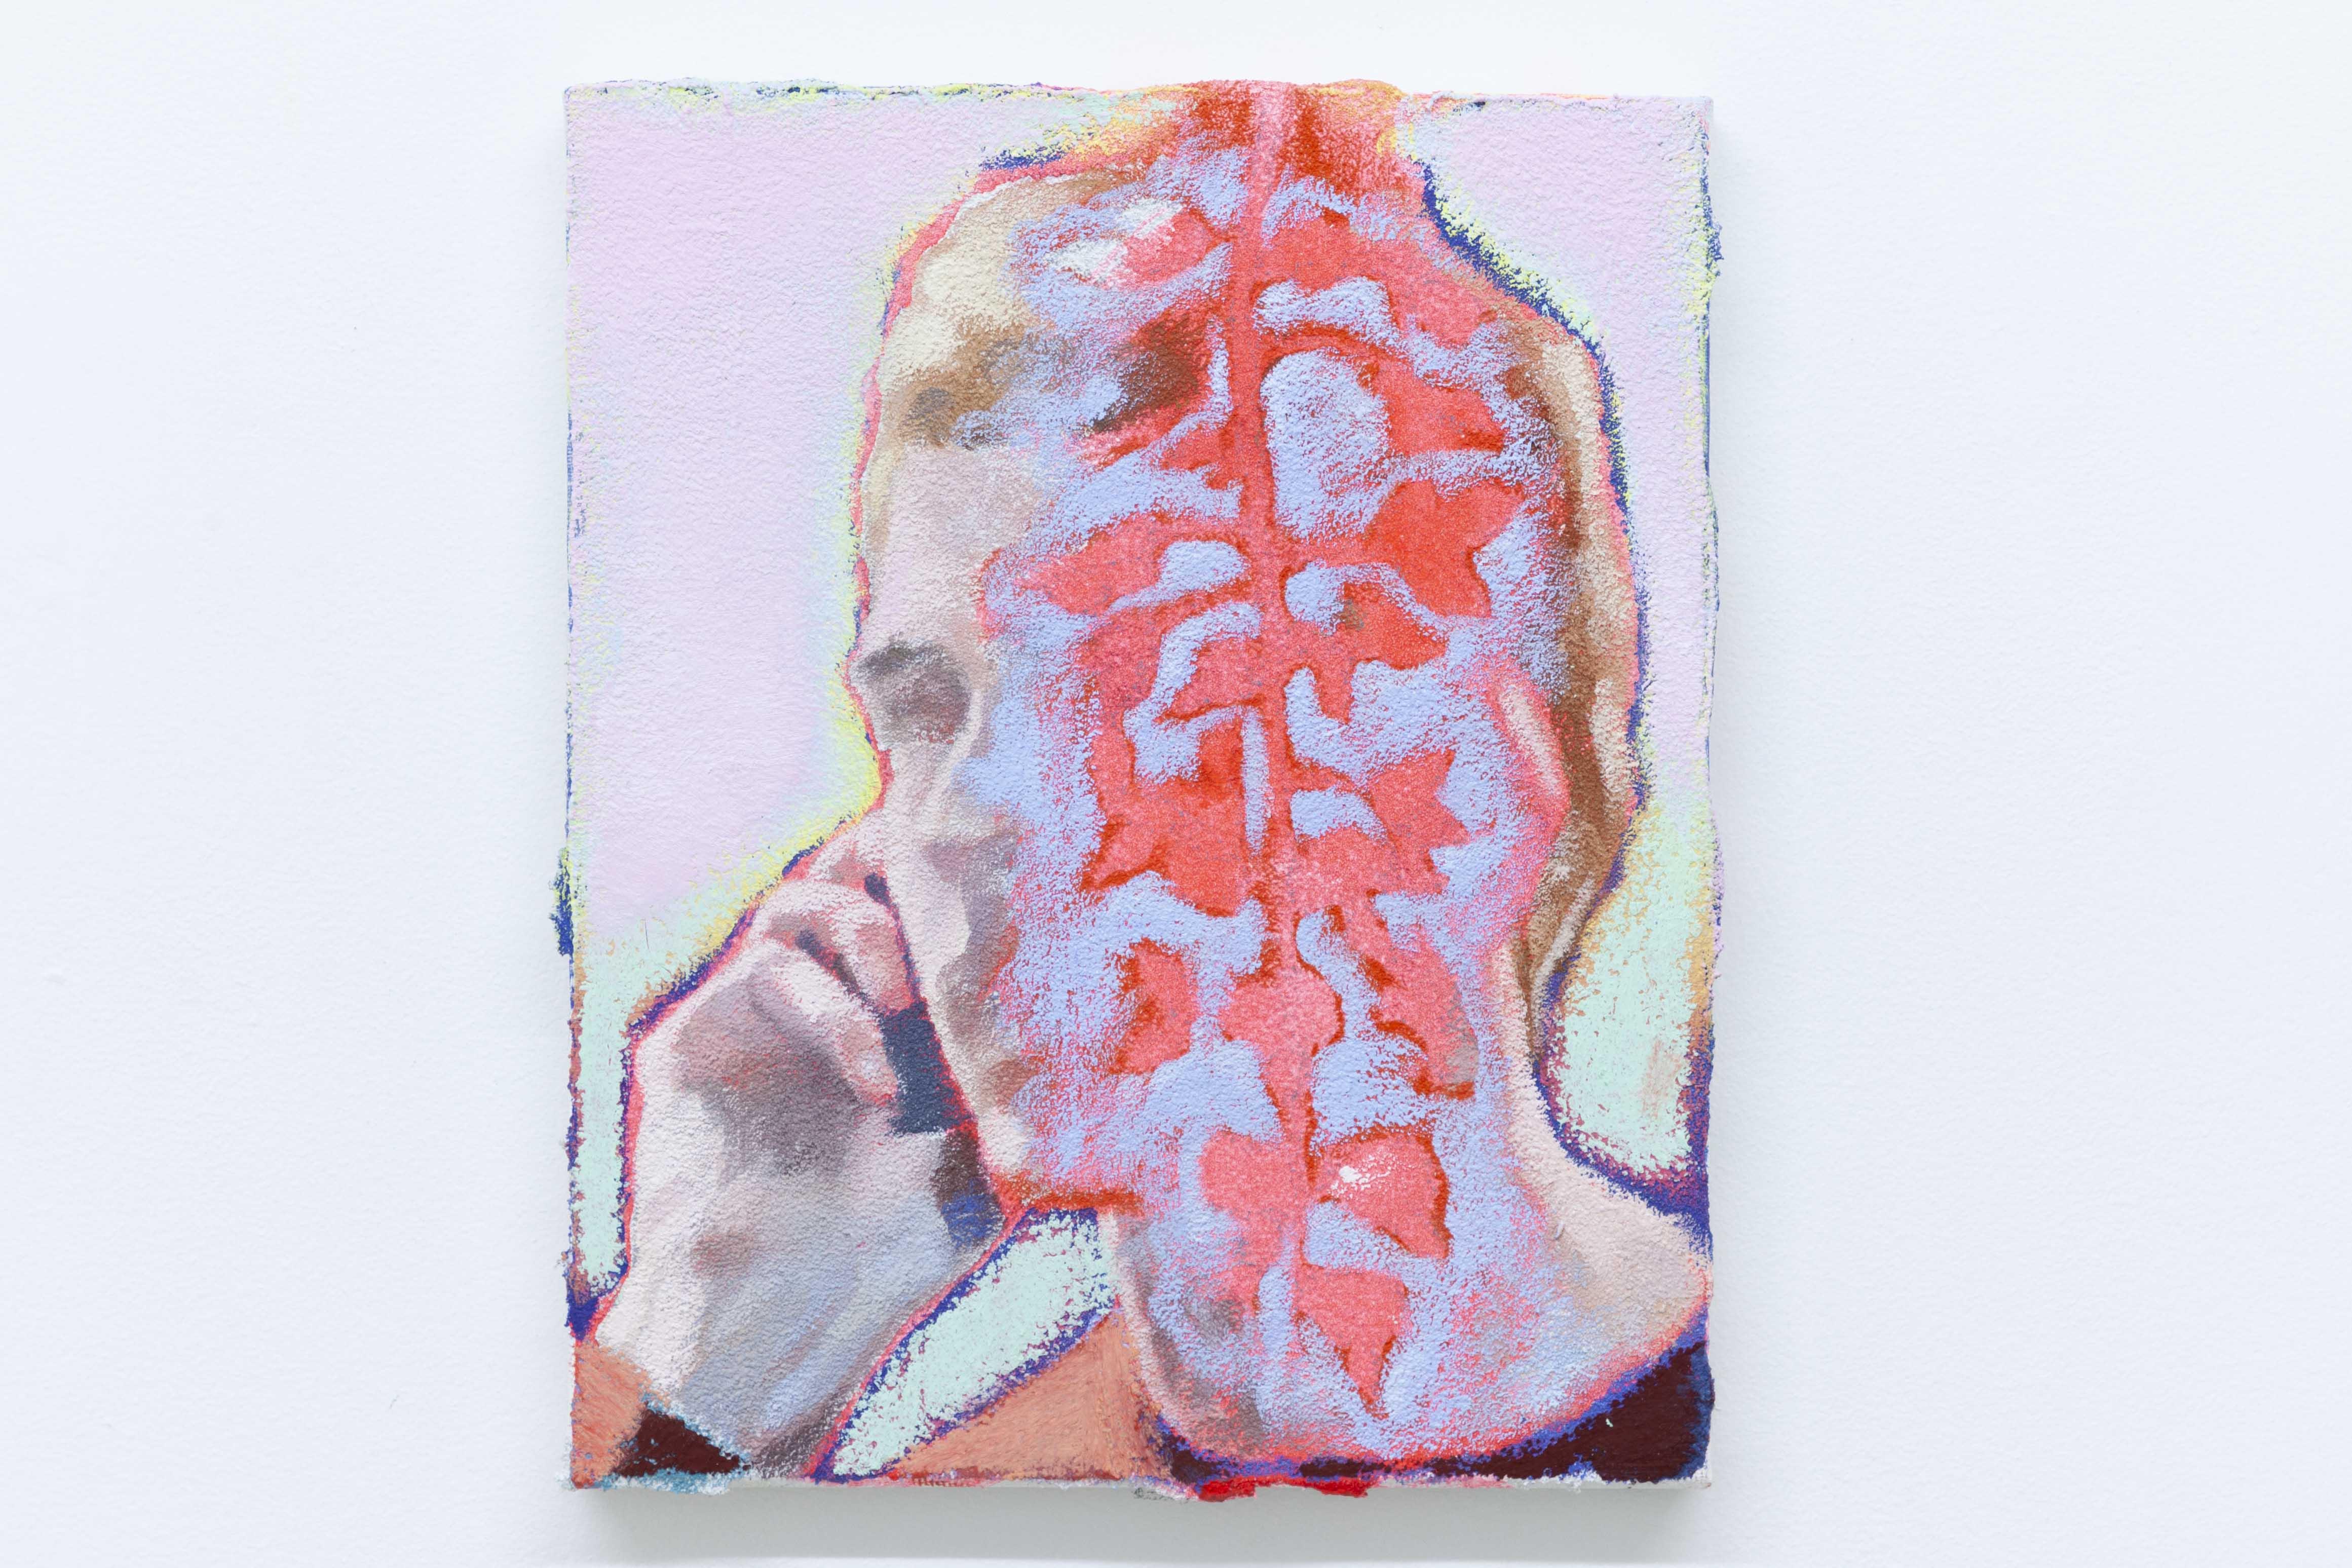 Ta voix dans les glycines III, 2020, huile - acrylique - pastel gras sur toile, 27 x 22 cm_photo Julie Coulon_web_2